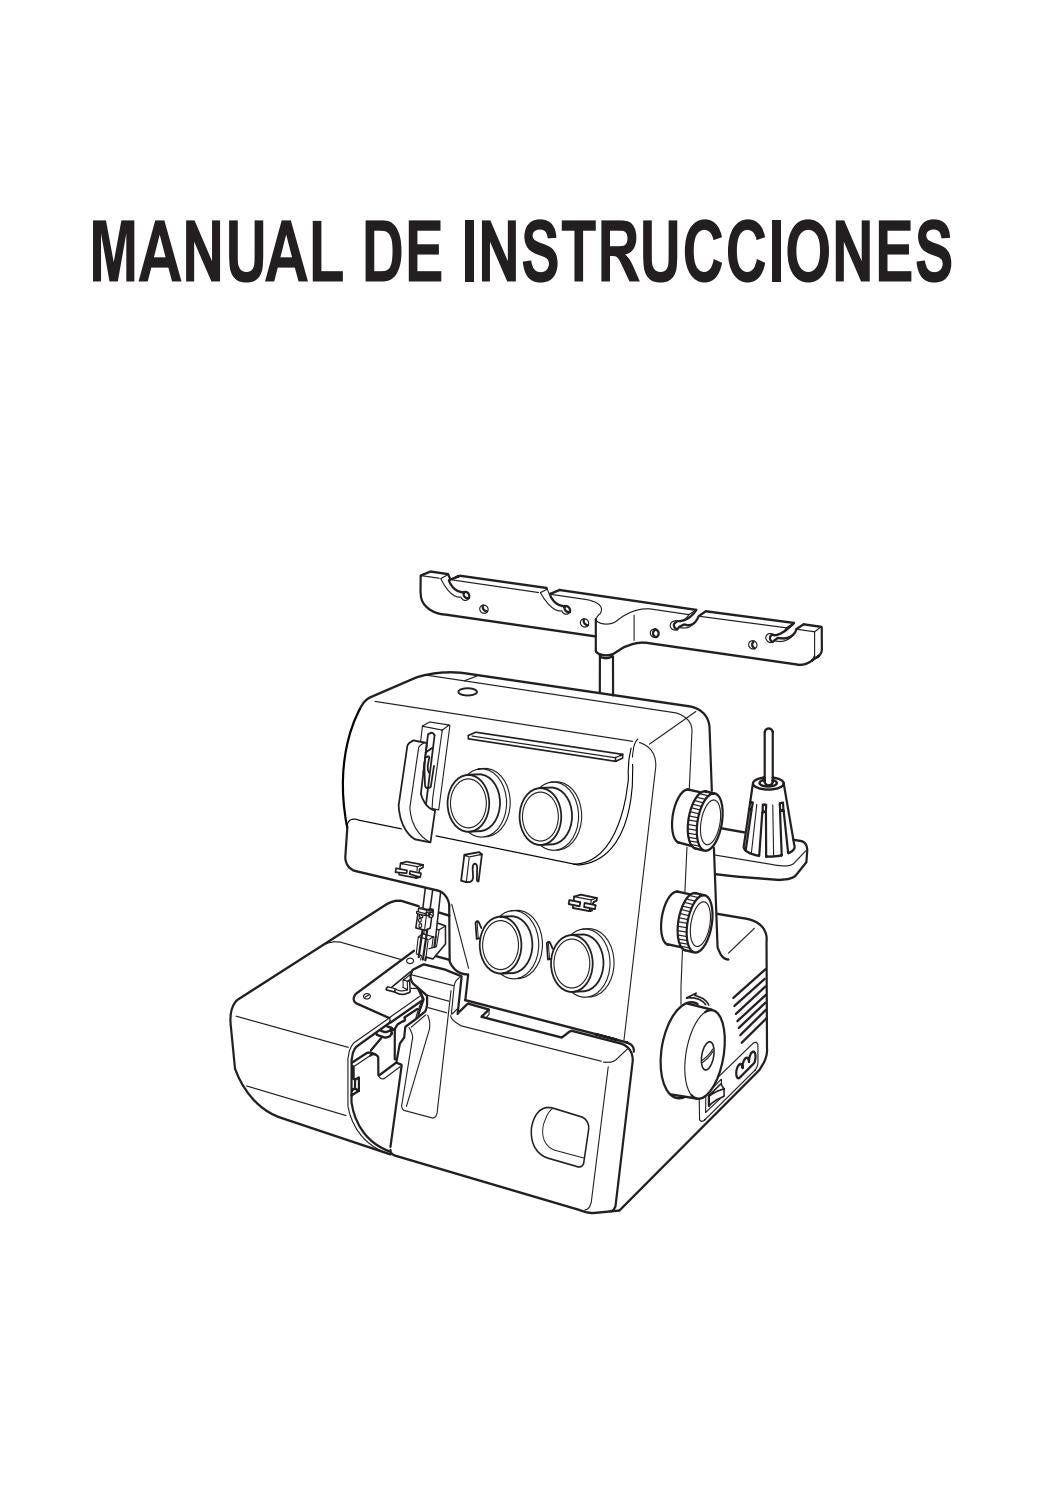 Manual de instrucciones 8002d by Angela Maria Castro